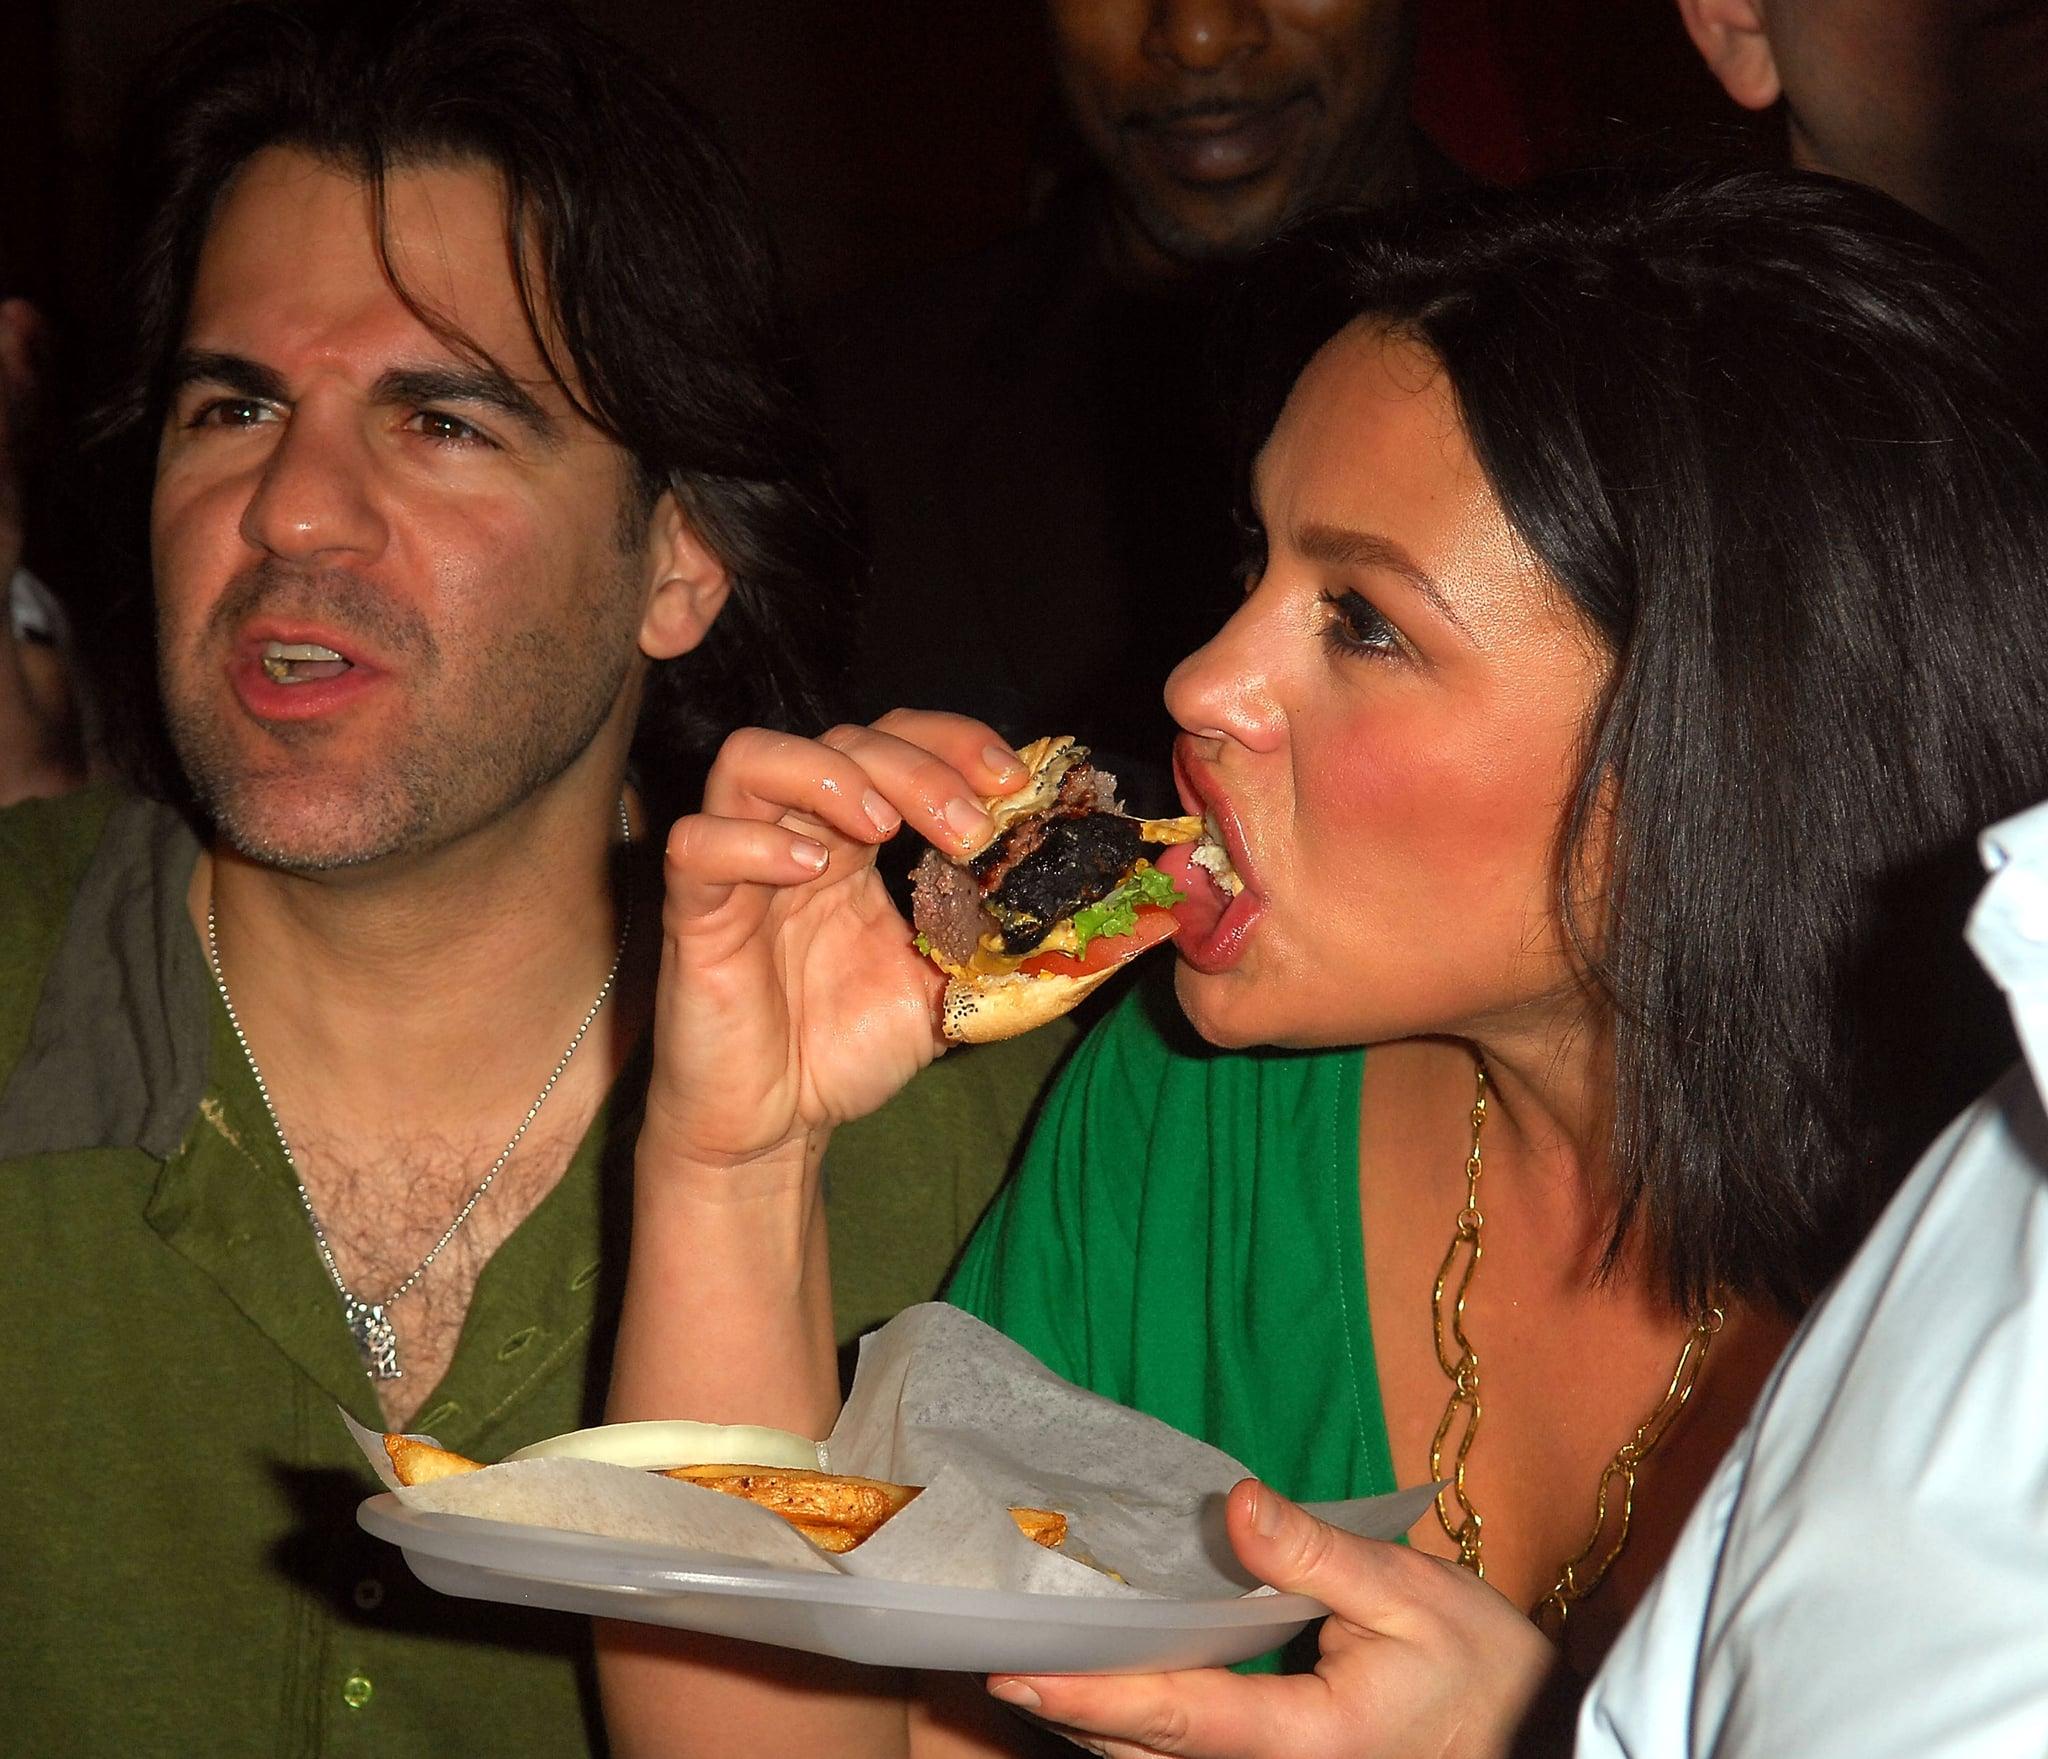 Rachel Ray and hubby John Cusimano